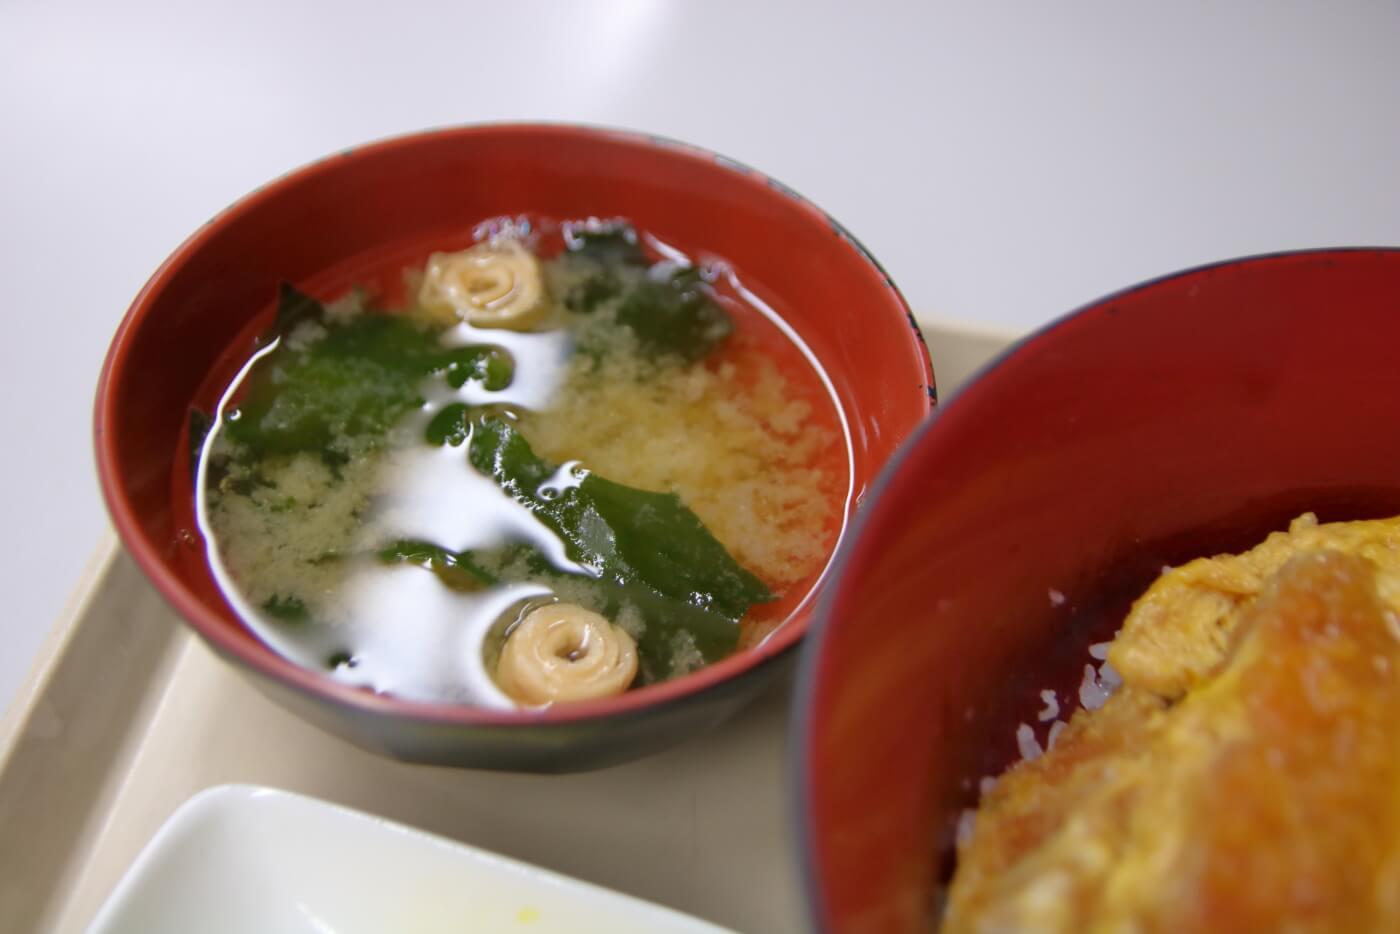 高知県庁地下食堂 カツ丼に付属する味噌汁